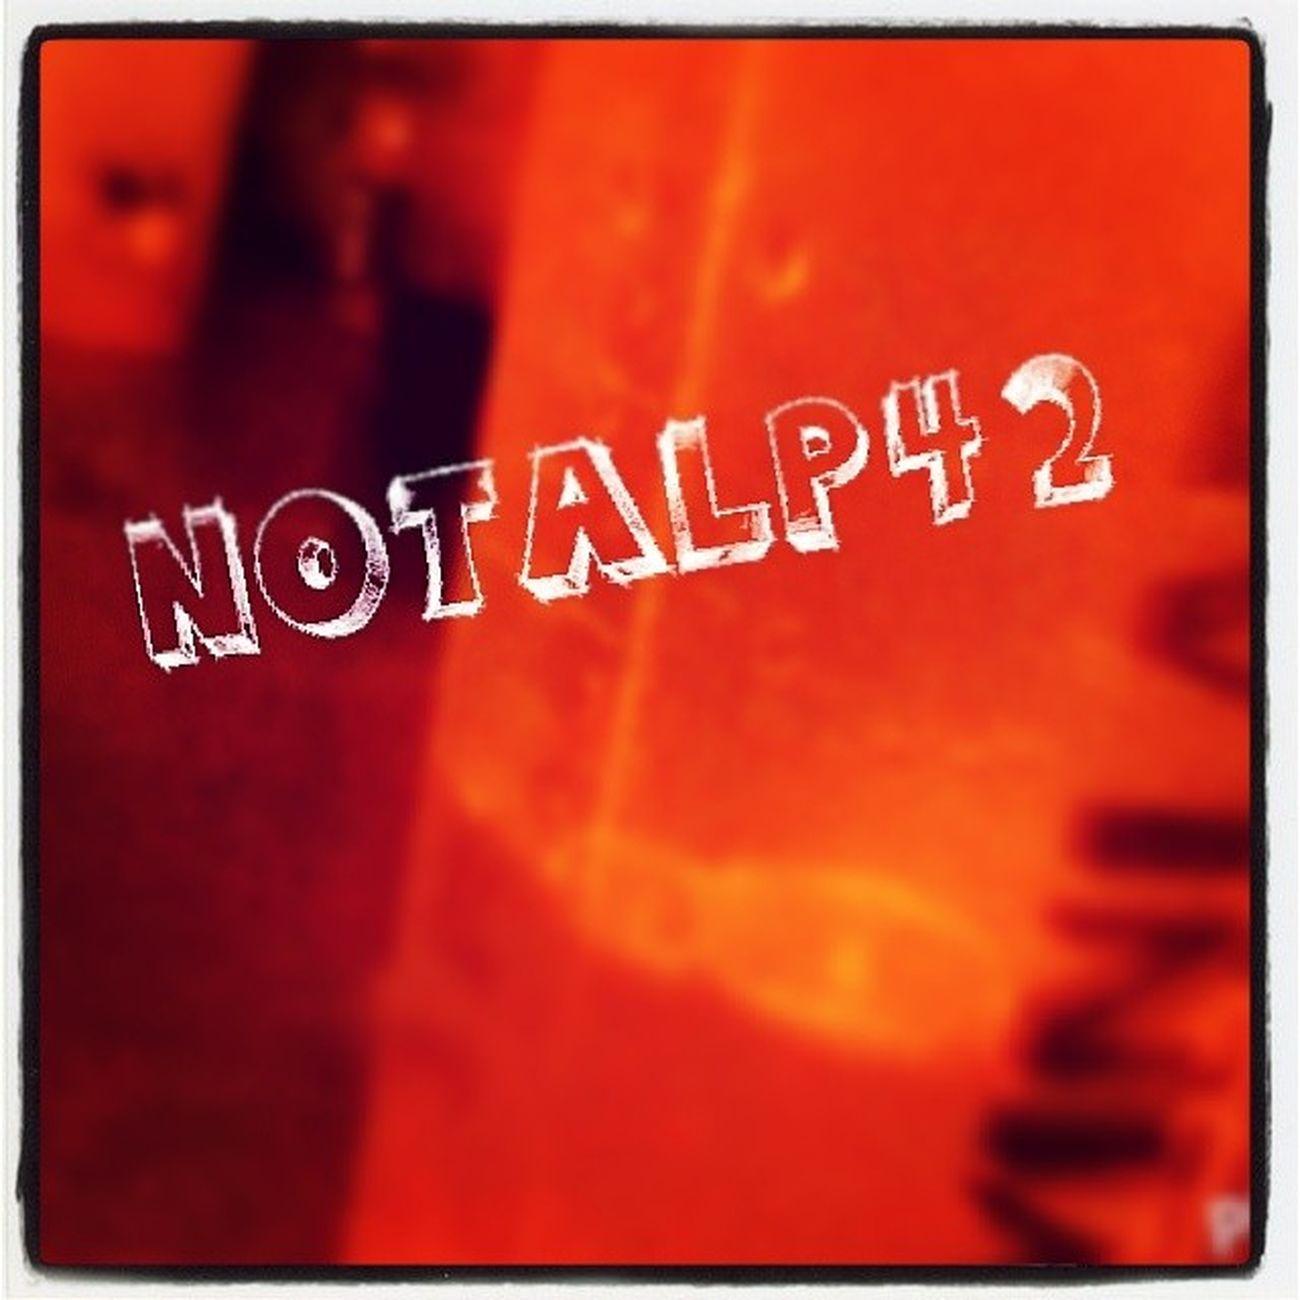 Twinlab Sober  Notalp42 PictureDj